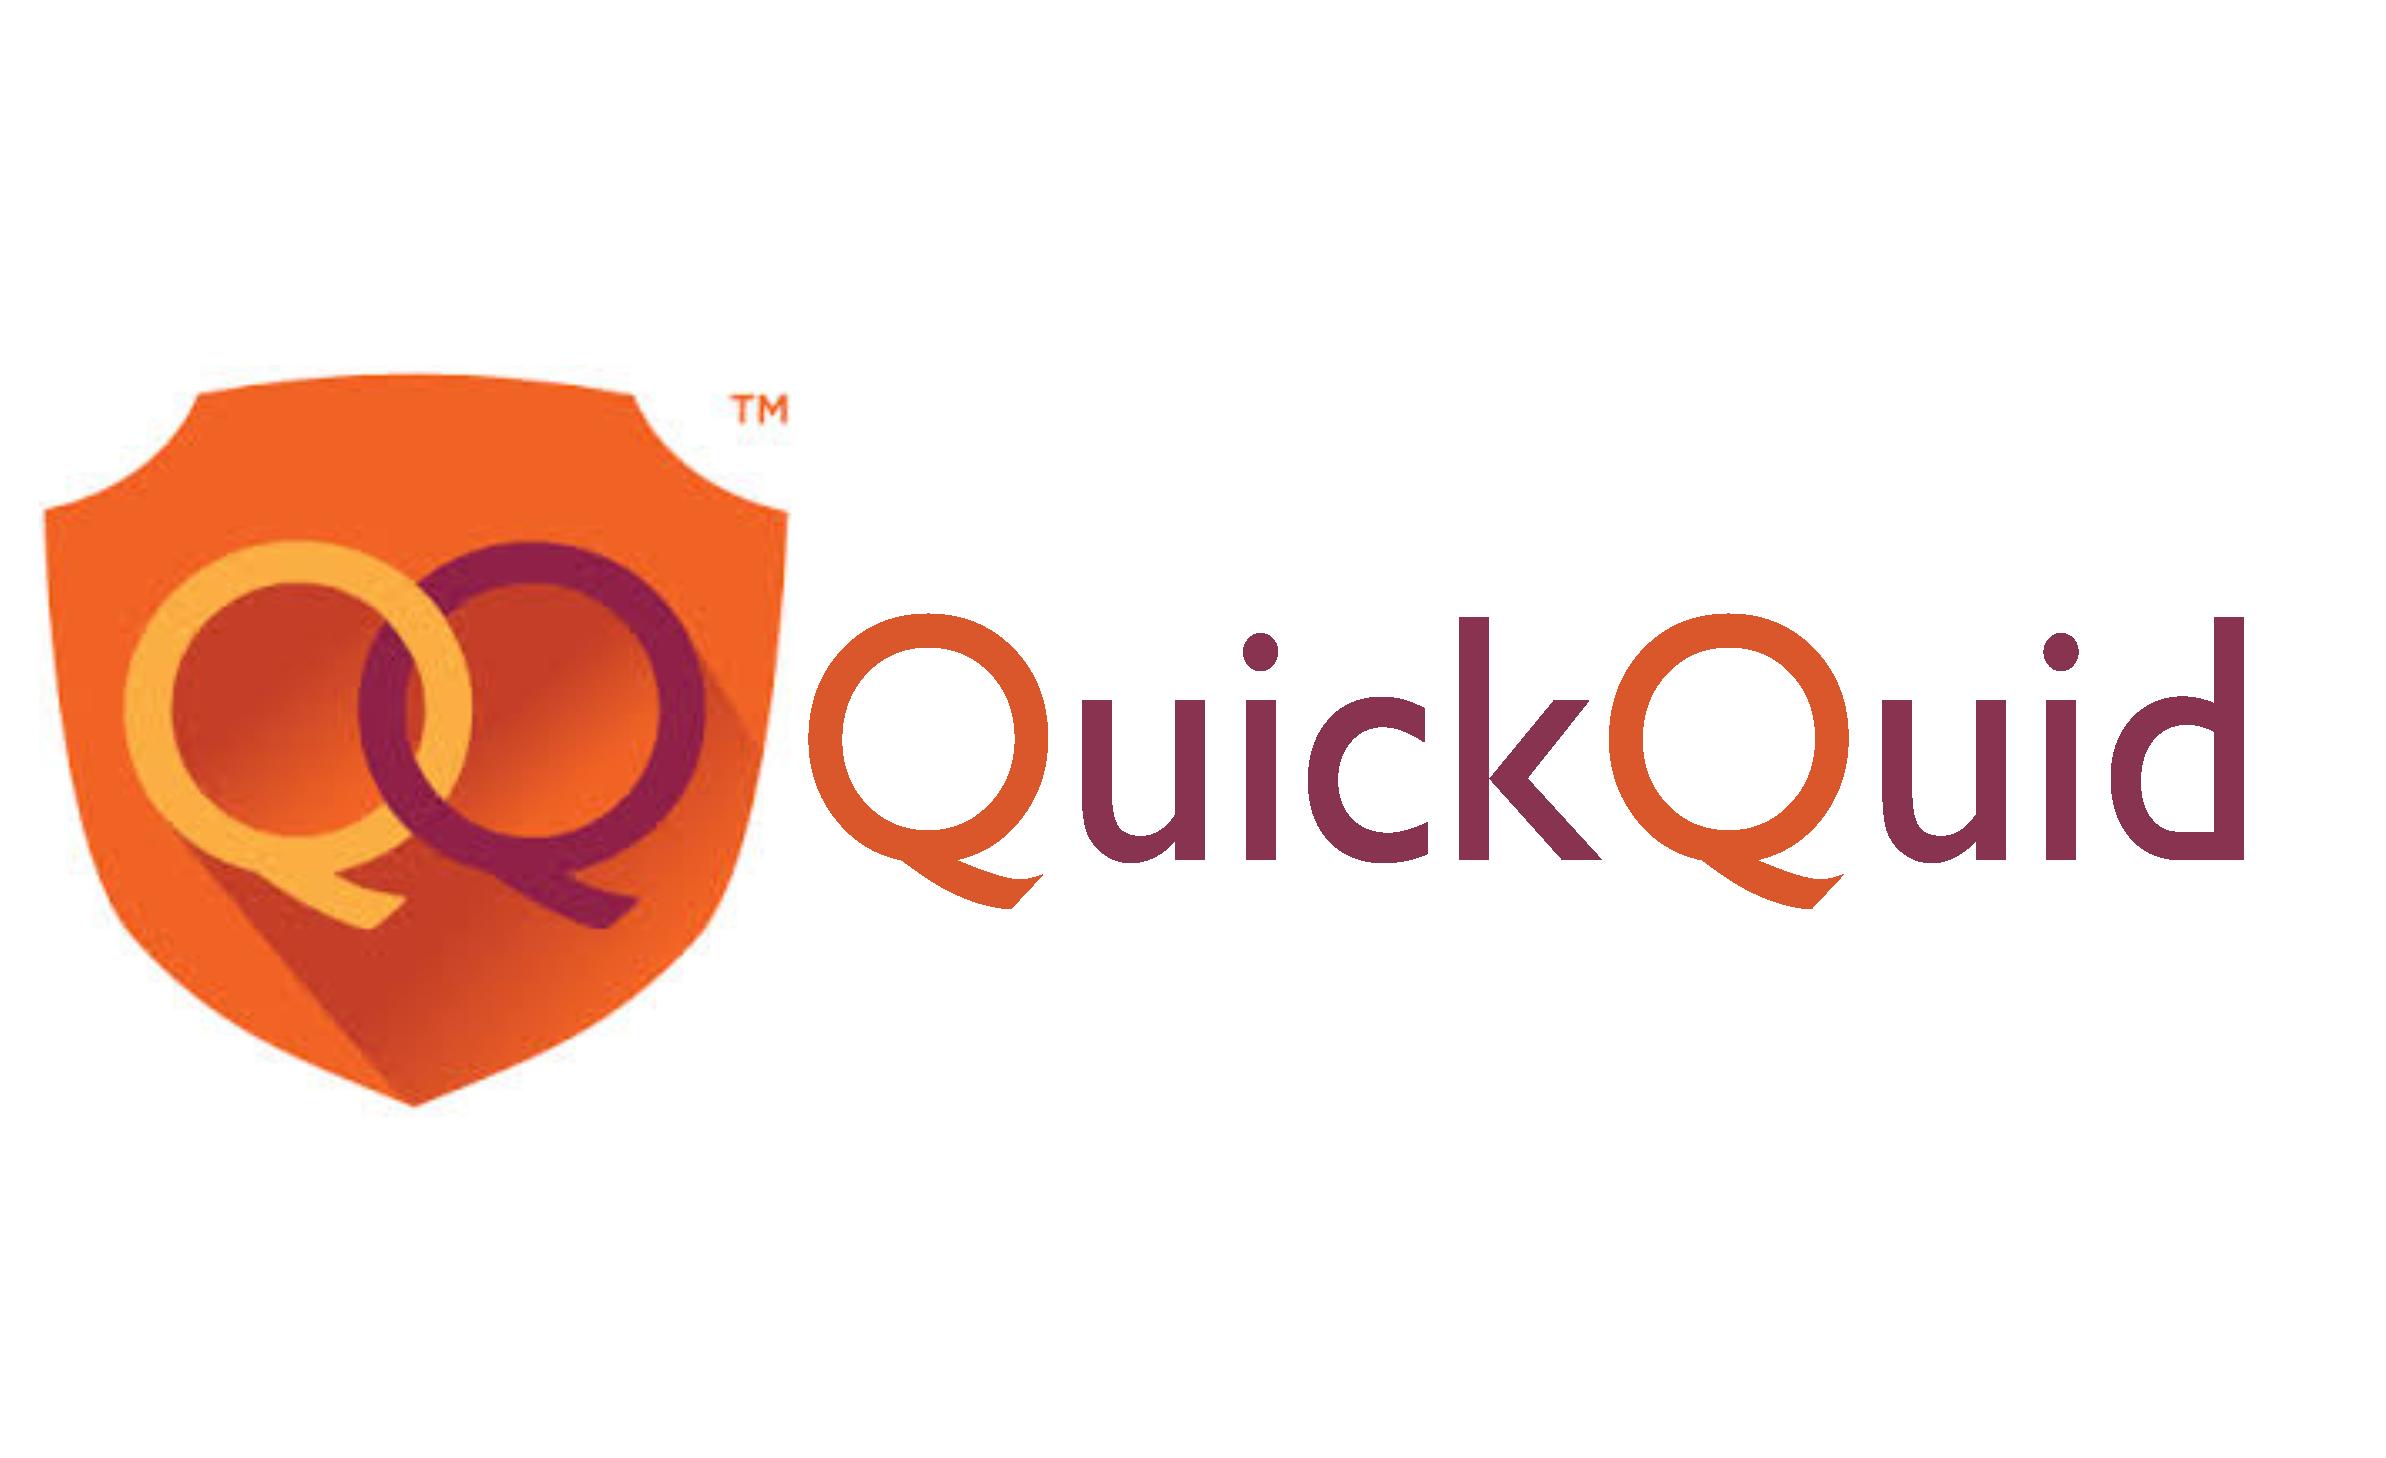 Quick Payday Loans >> Quick Loans Cash Advance Loans No Fax Loans Cash .html | Autos Weblog